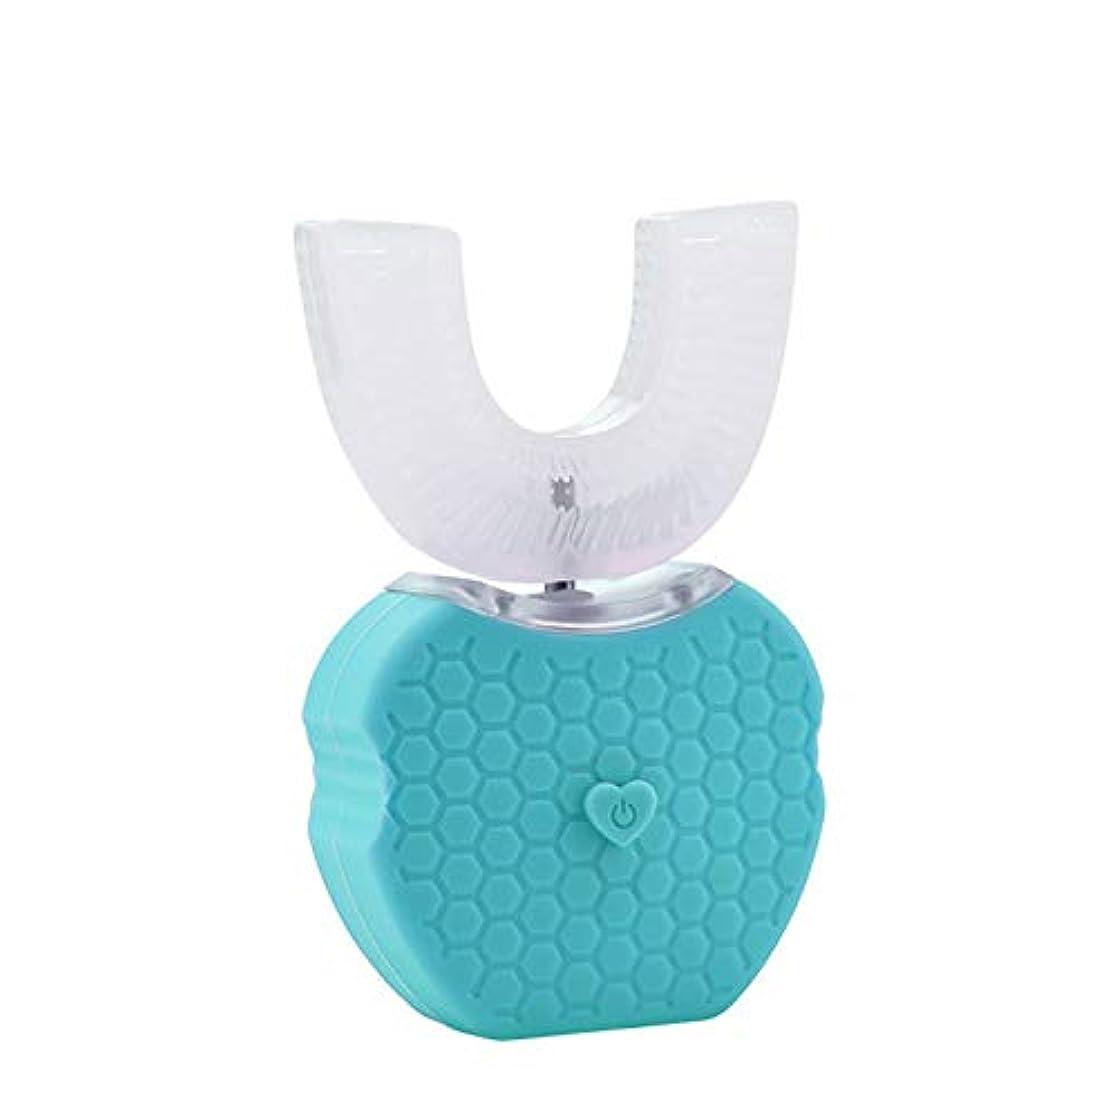 石鹸仕事コールドフルオートマチック可変周波数電動歯ブラシ、自動360度U字型電動歯ブラシ、ワイヤレス充電IPX7防水自動歯ブラシ(大人用),Blue